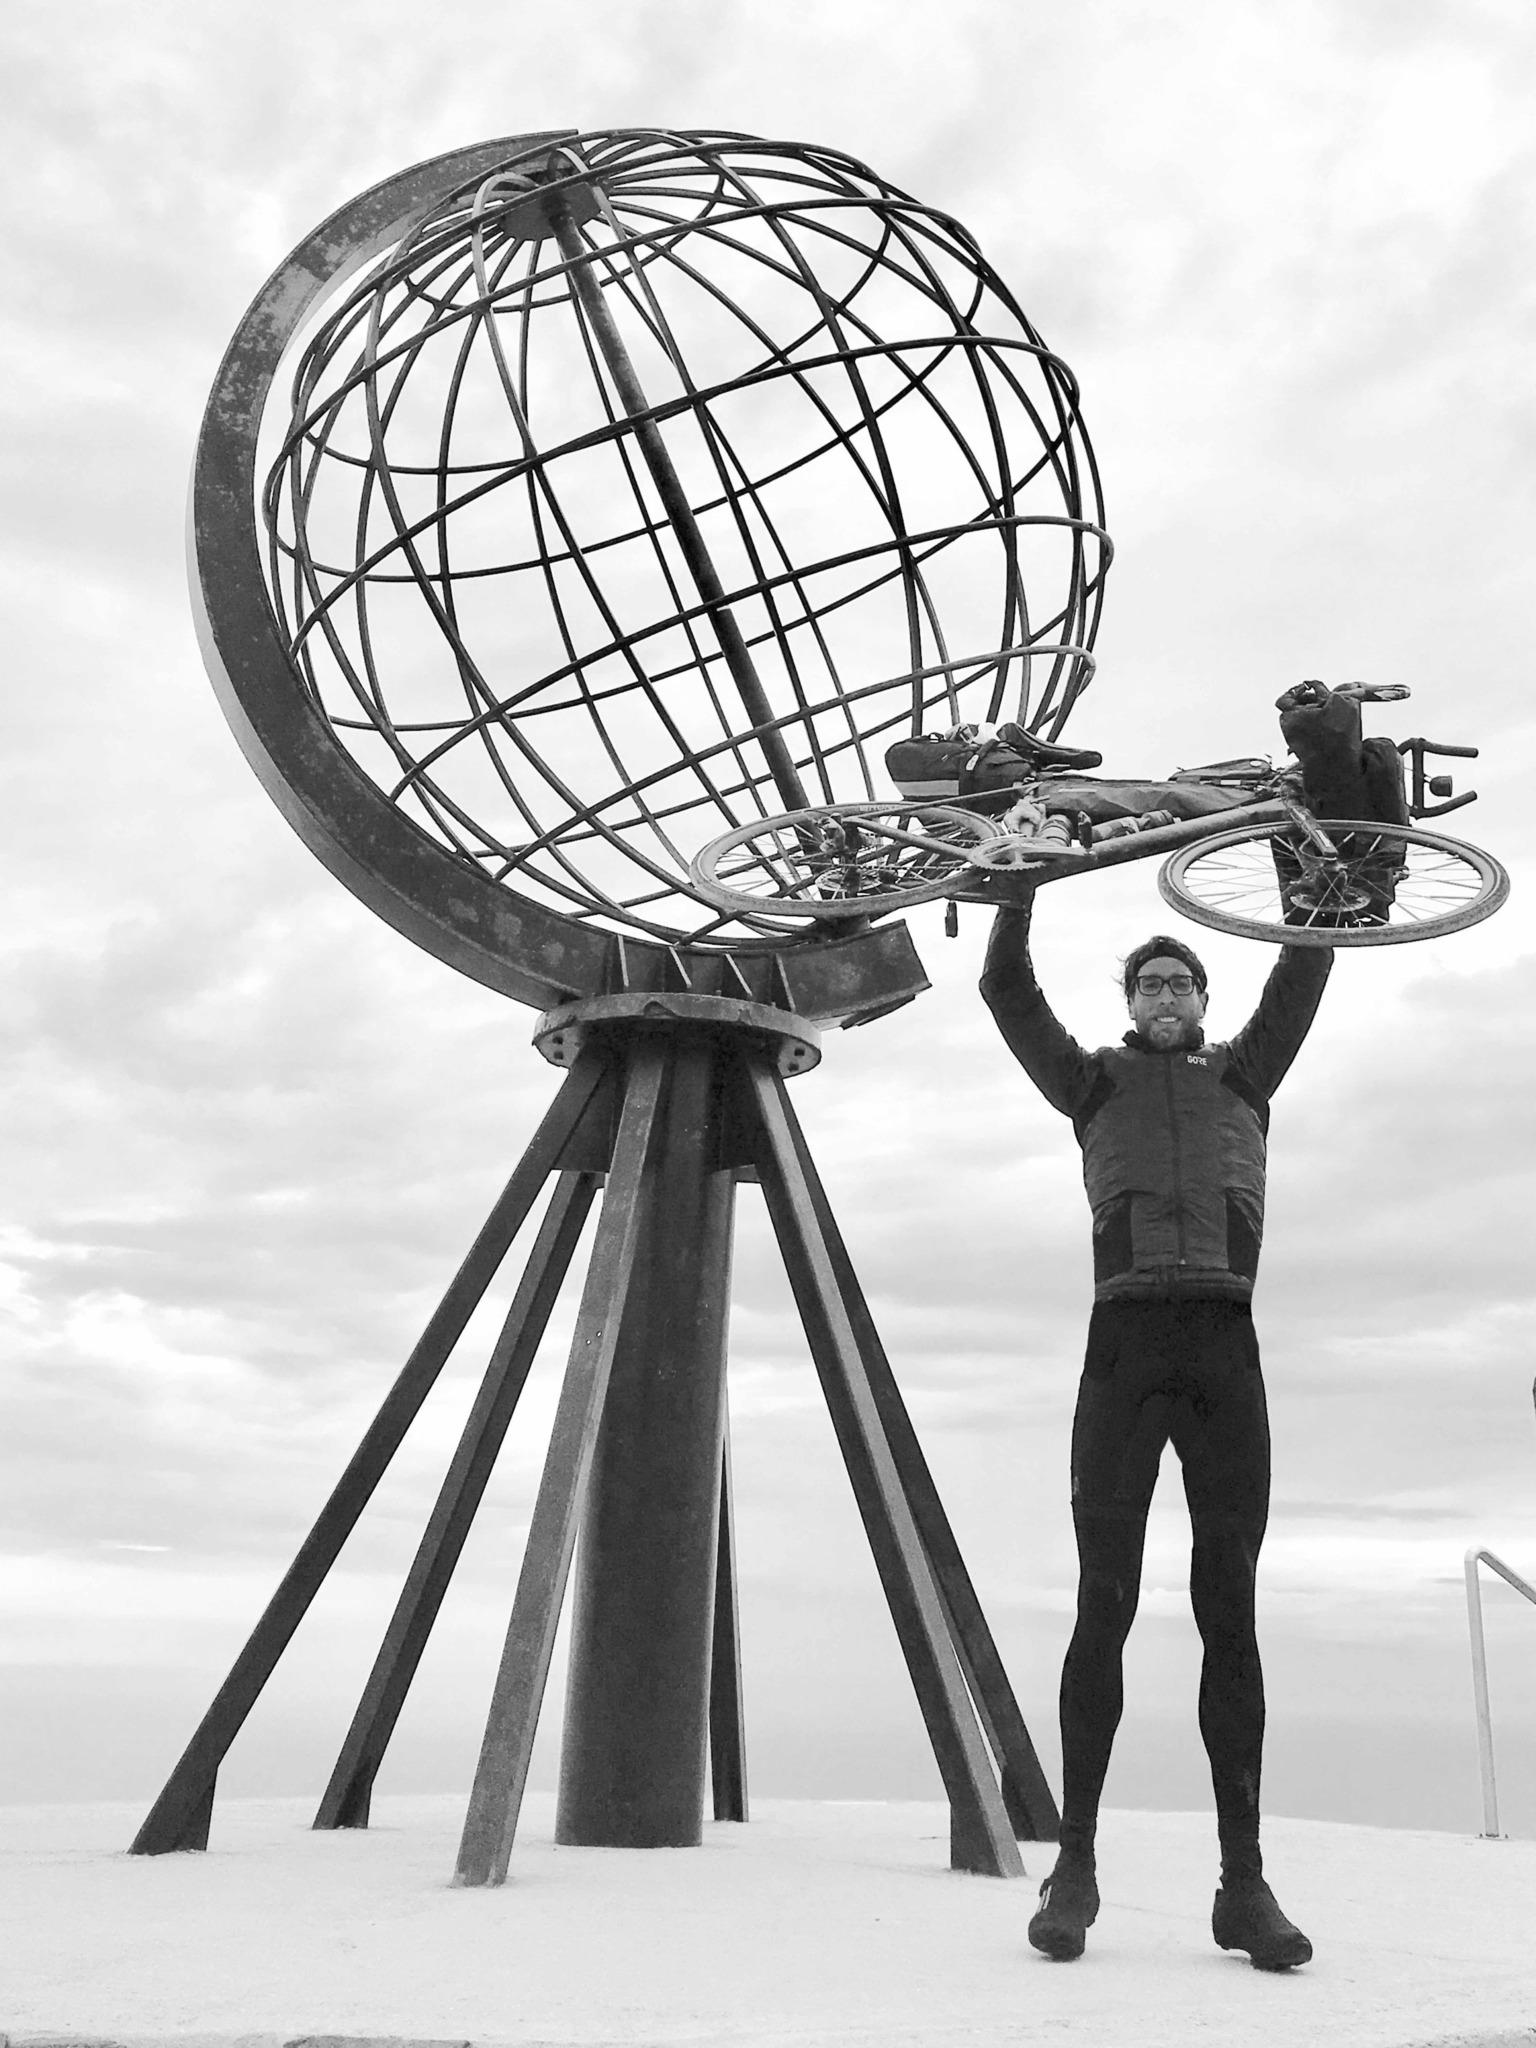 Markus Zimmermann Radelte Vom Gardasee Ans Polarmeer Gmünd